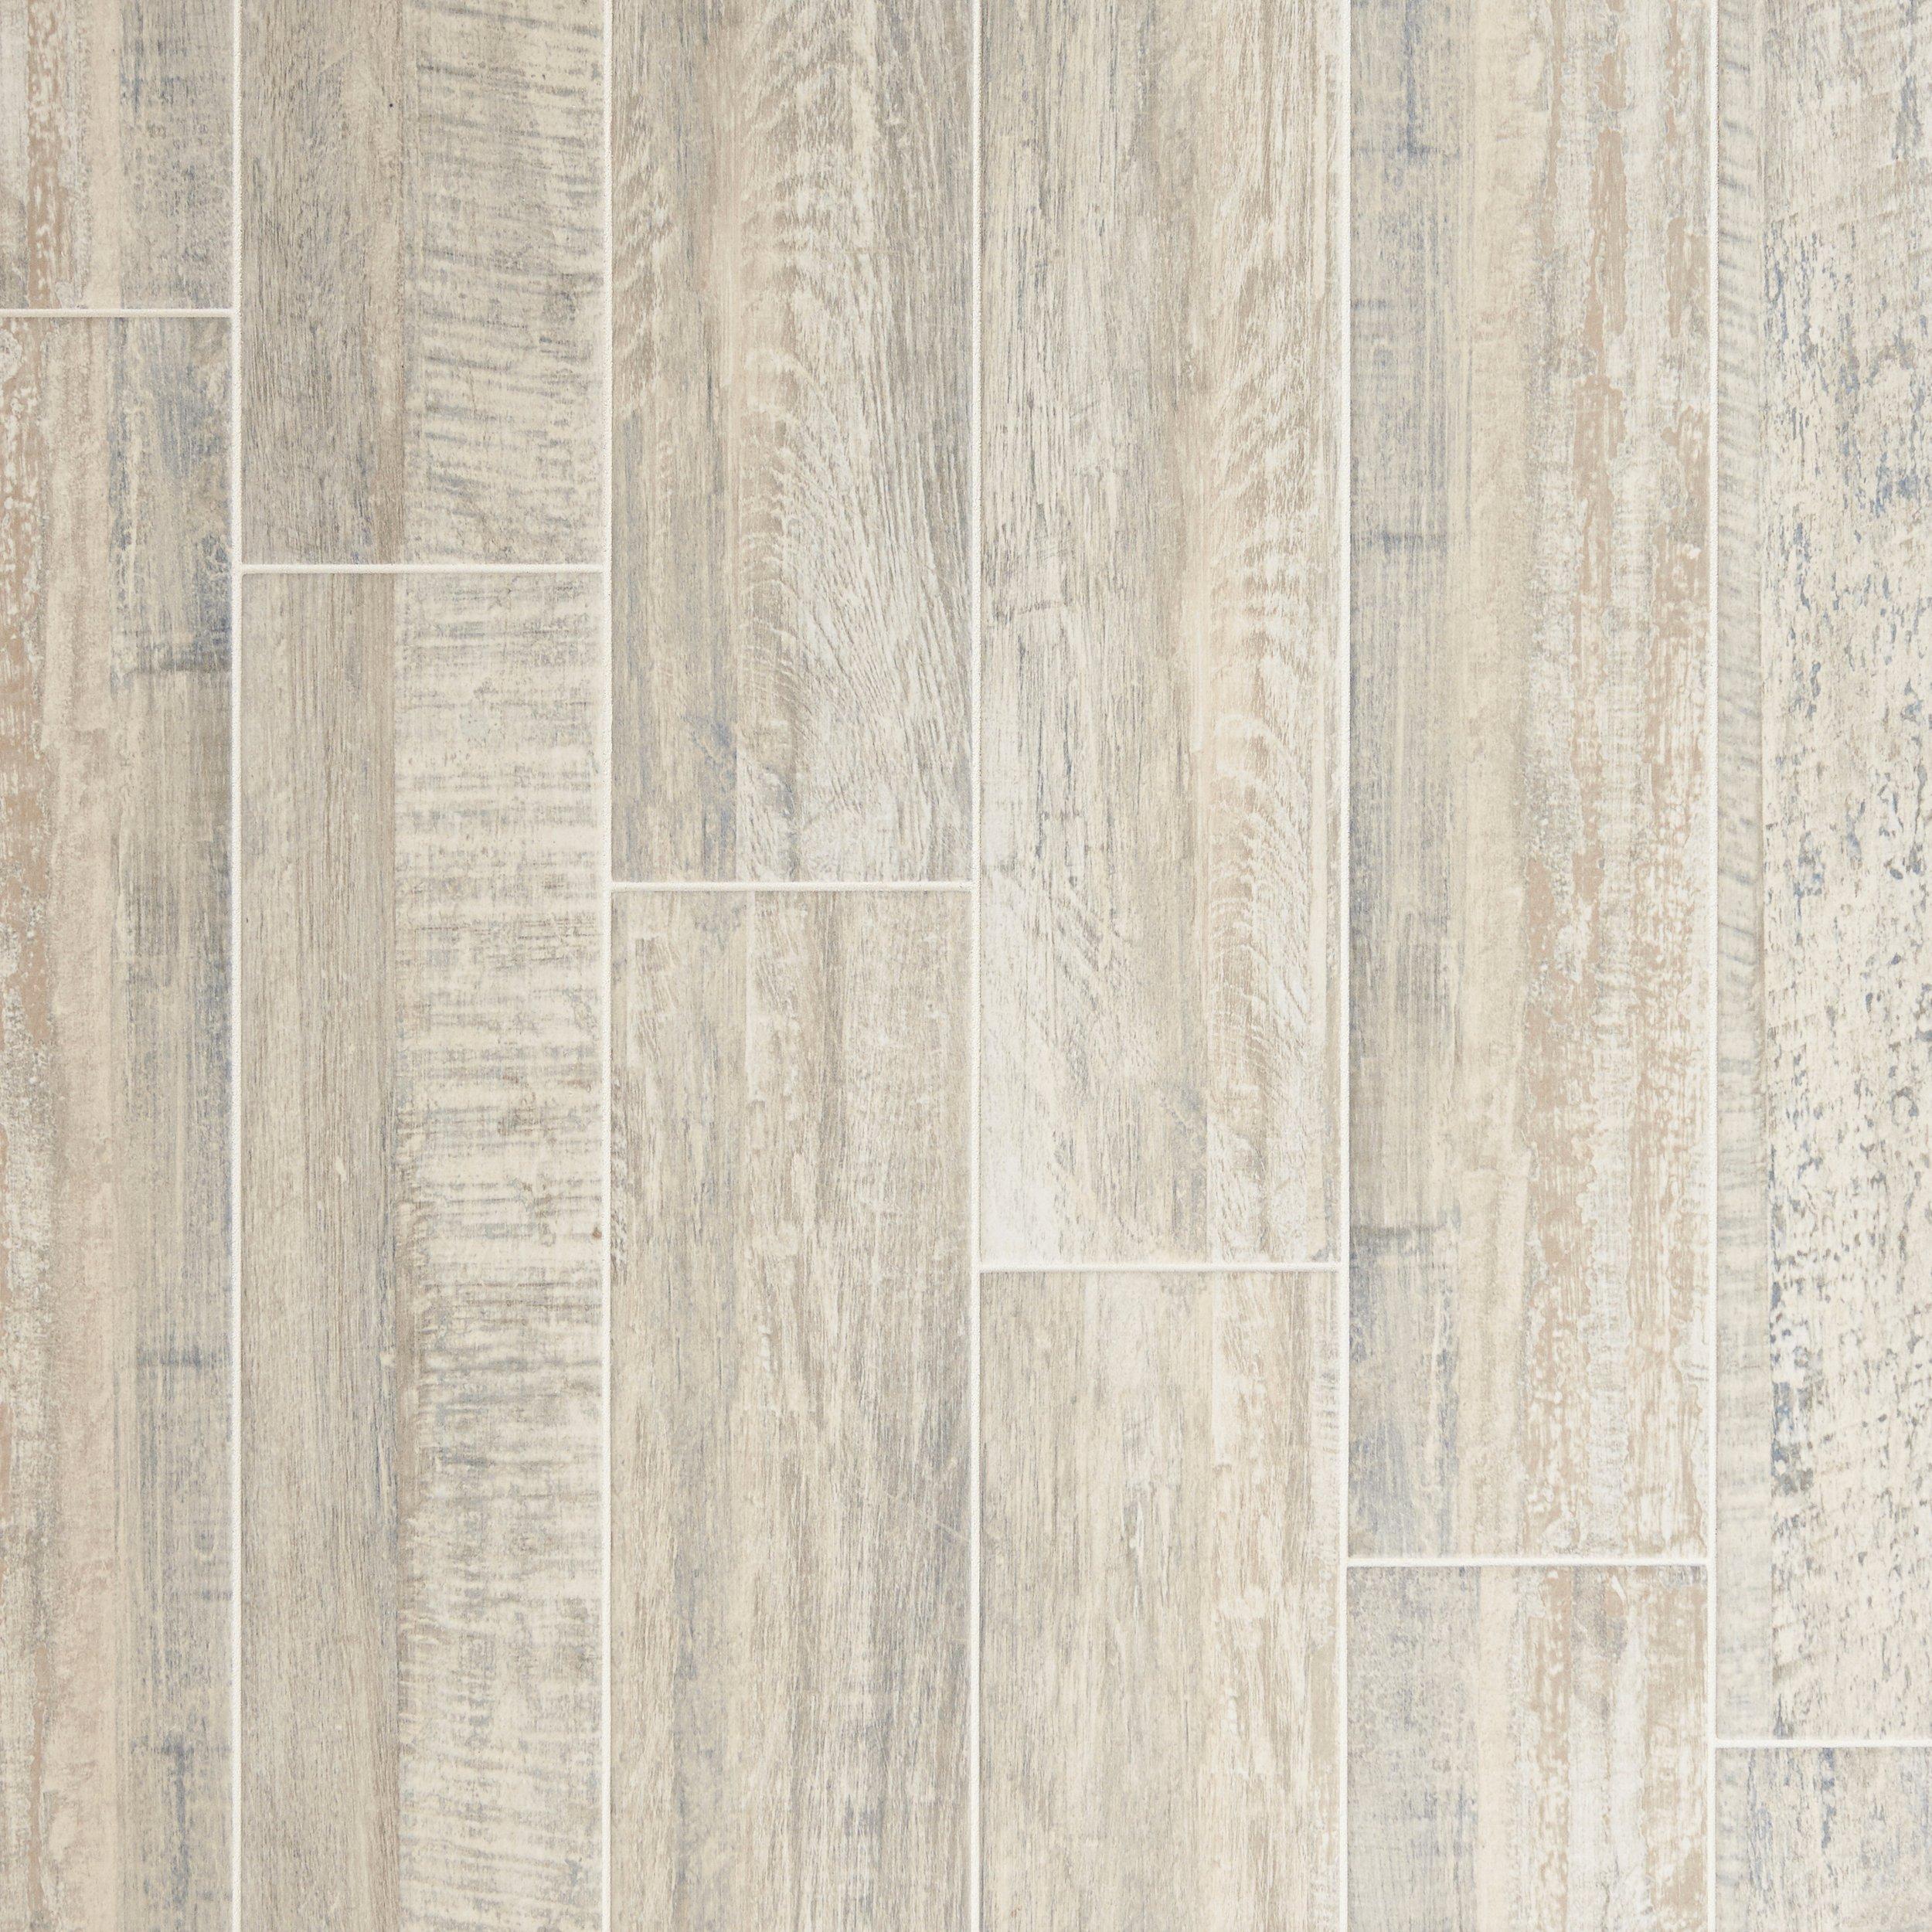 wood floor tile ceramic pier white wood plank porcelain tile look floor decor